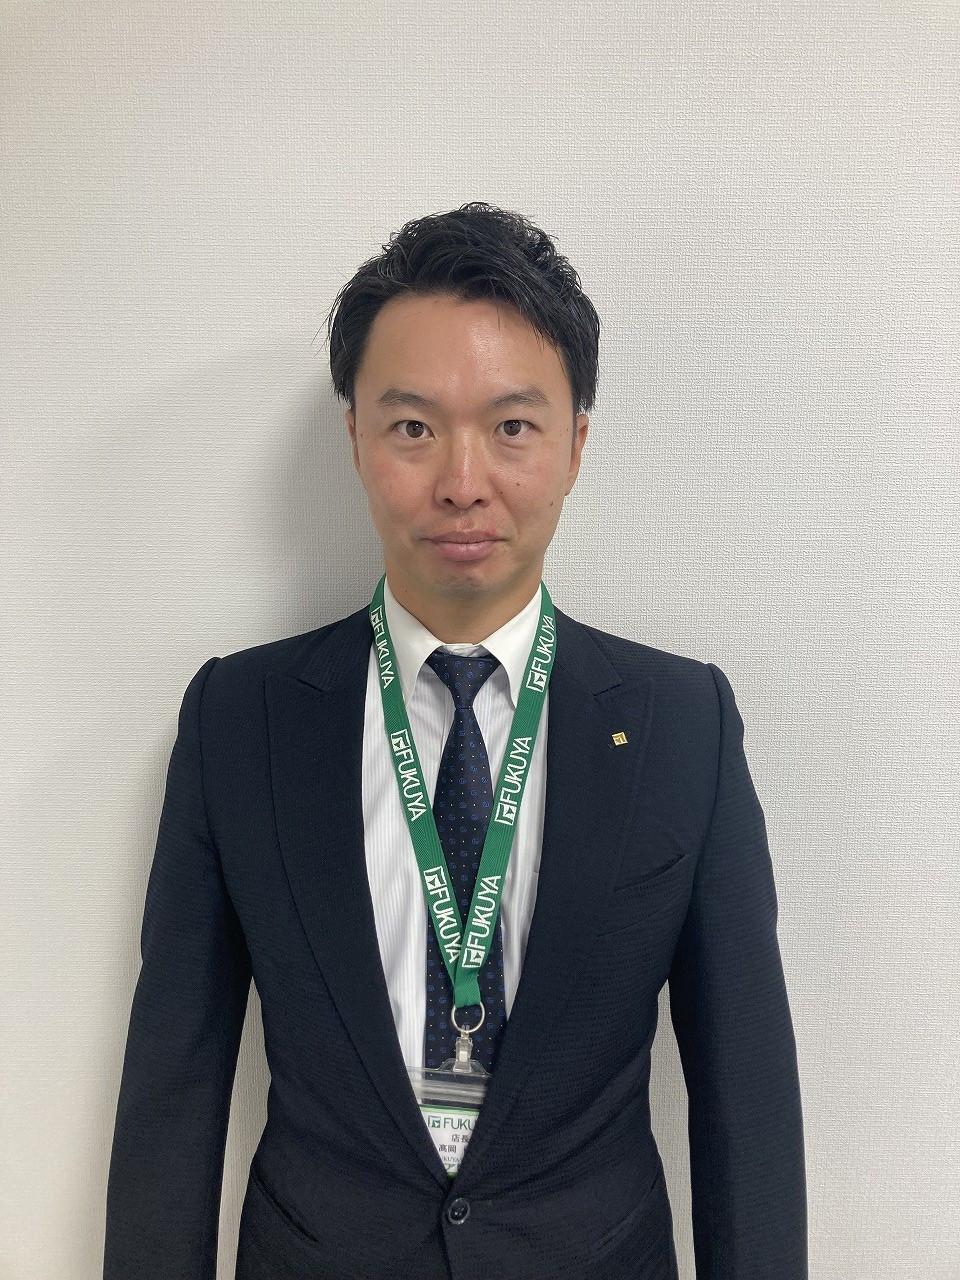 髙岡 優樹 (たかおか ゆうき)